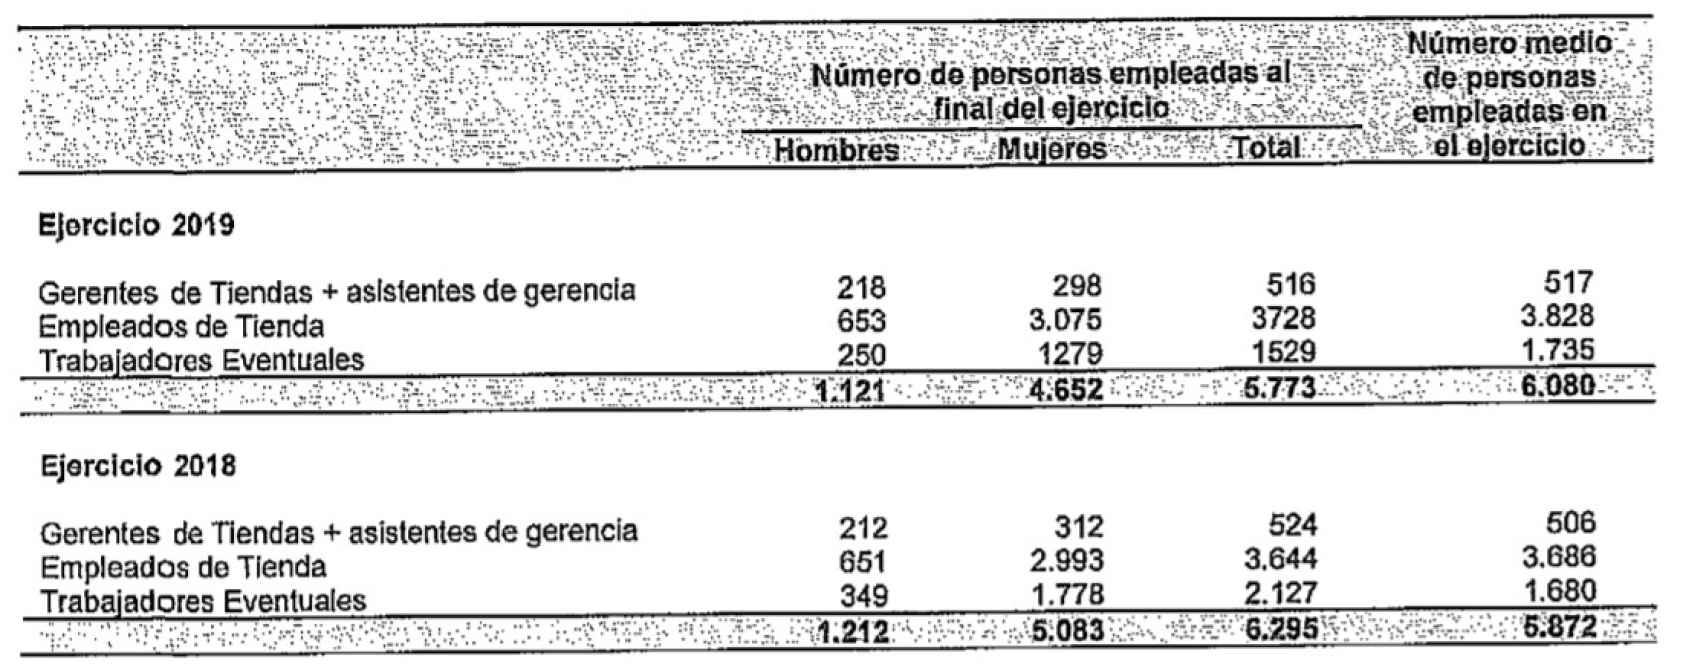 Empleados Primark en España durante el ejercicio fiscal terminado e 31 de agosto de 2019.